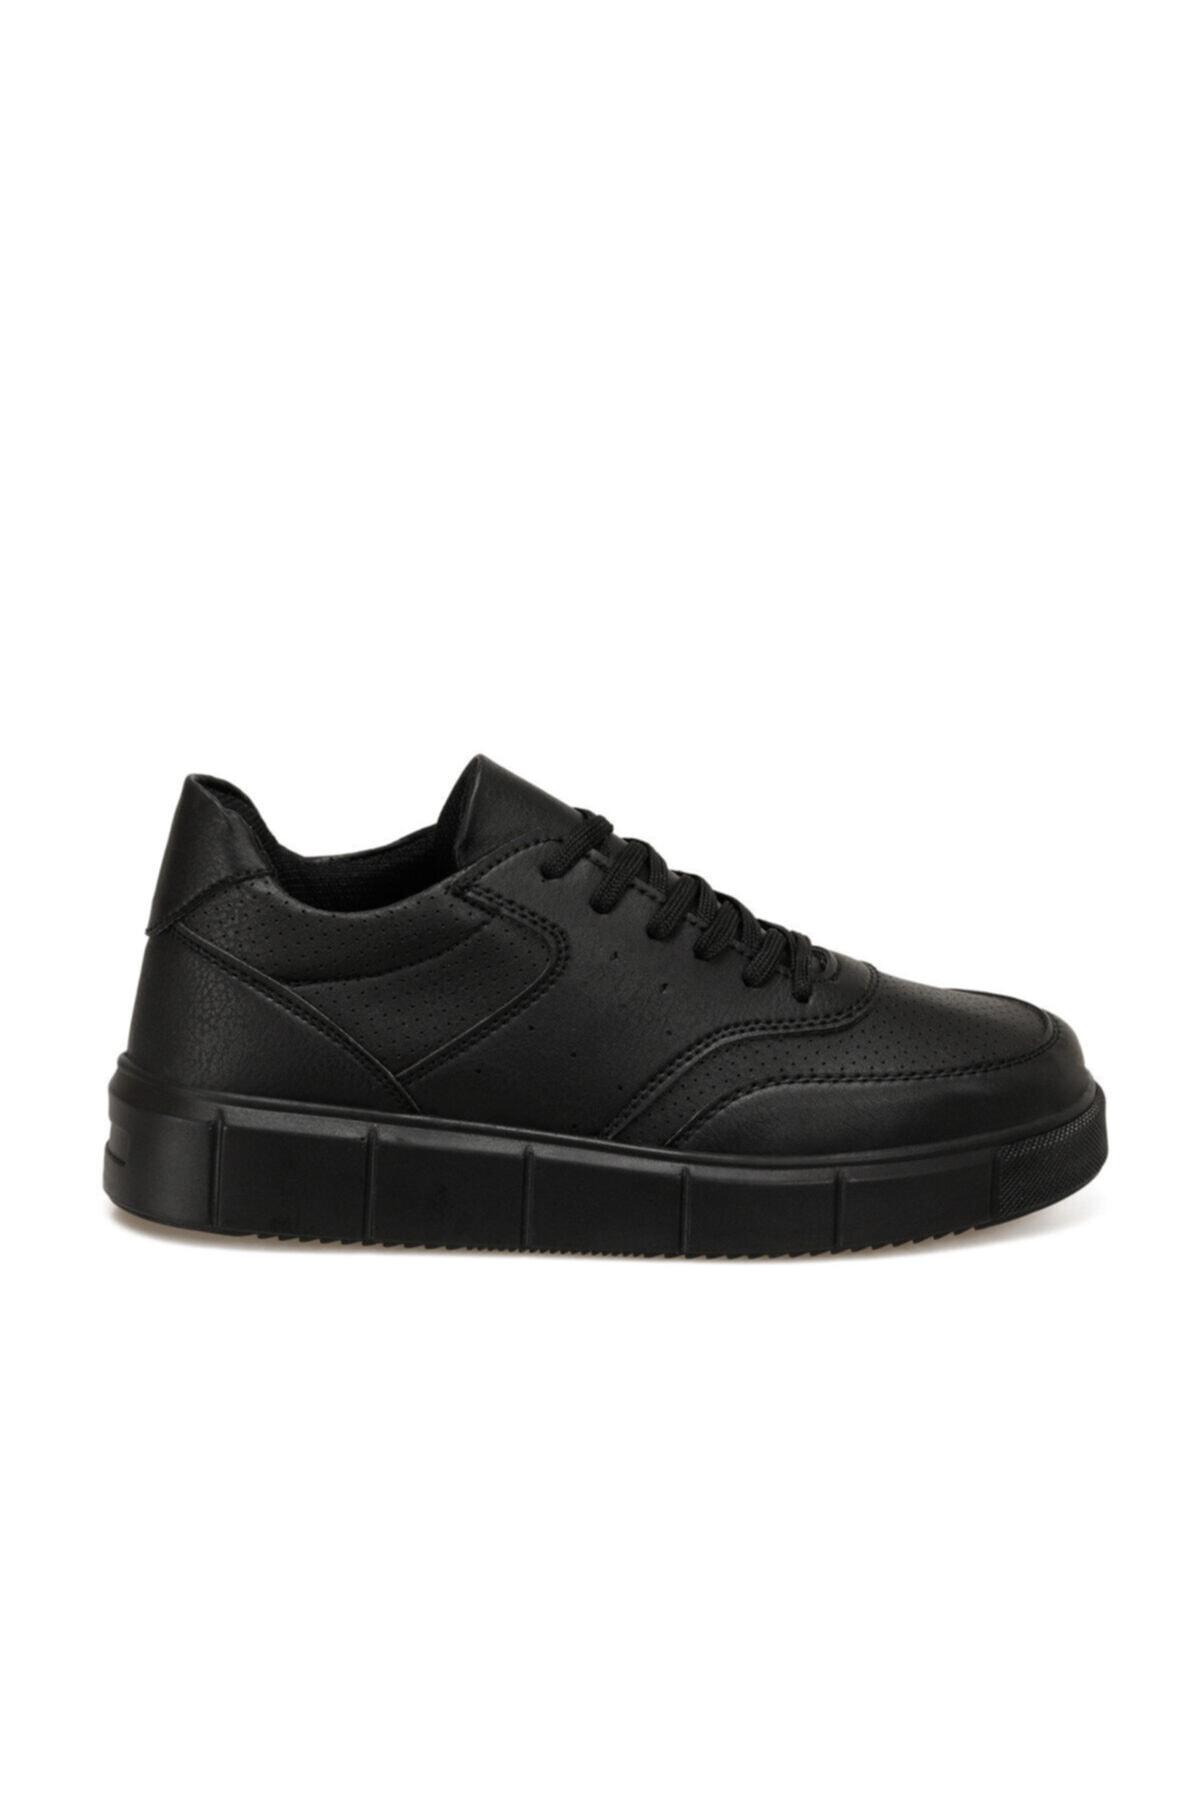 FORESTER EC-2008 Siyah Erkek Kalın Tabanlı Sneaker 101015660 2